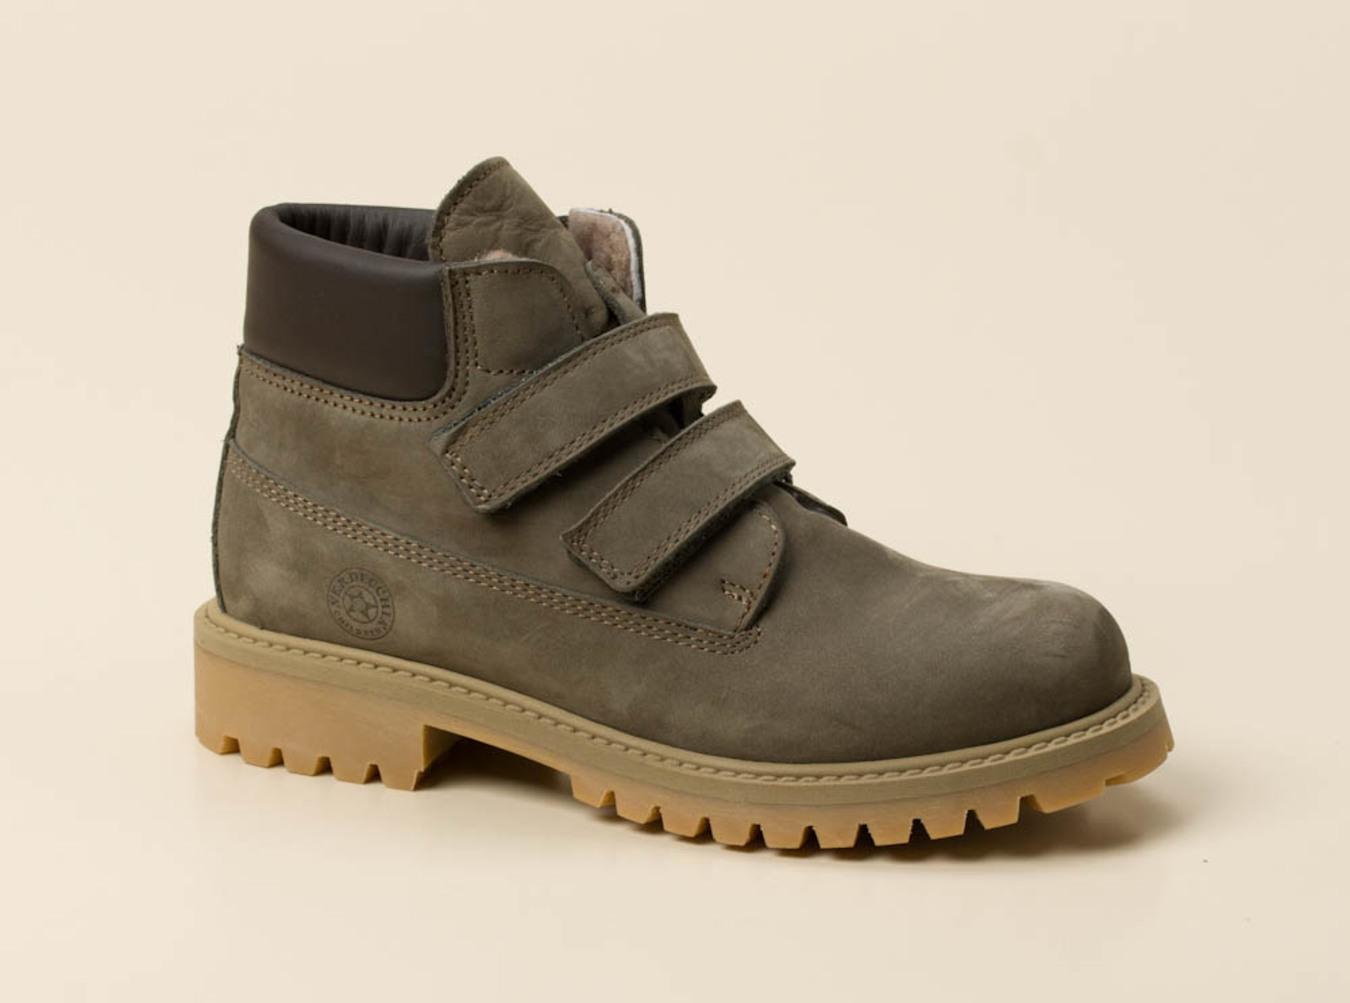 Verdecchia Kinder Schuhe kaufen | Zumnorde Onlineshop